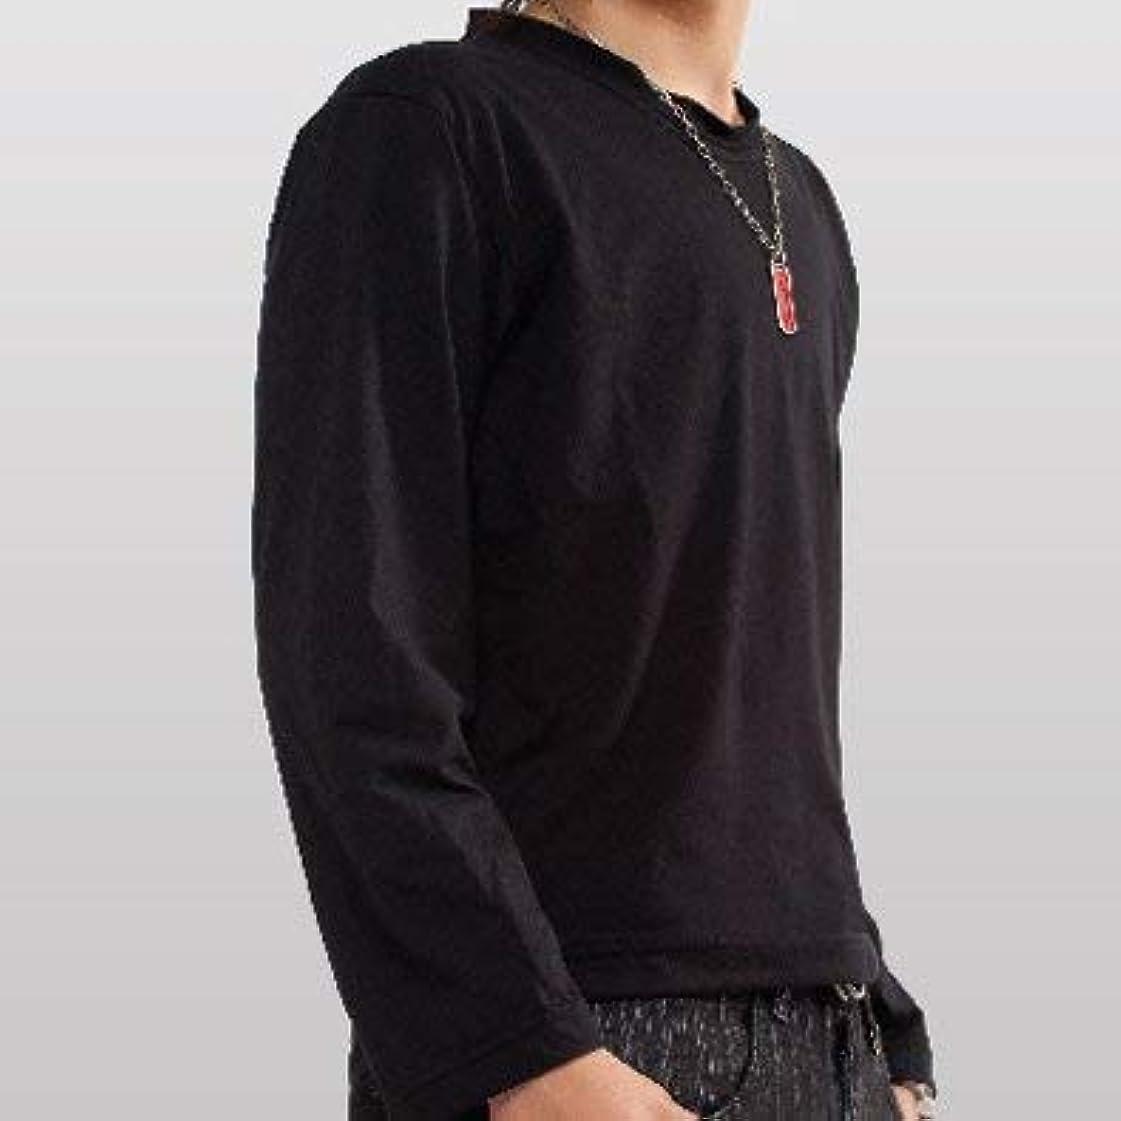 ジュニア別の長さナベシャツ?flat-One?長袖 (M)